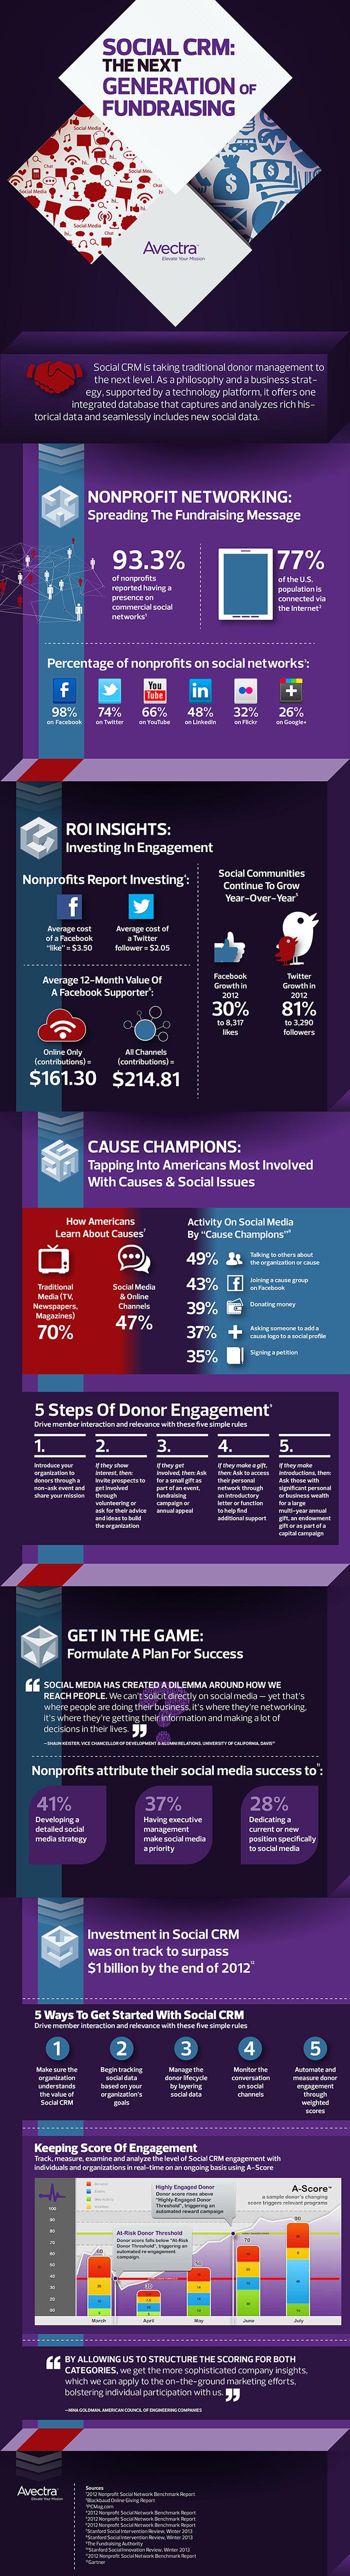 Social Fundraising Trends